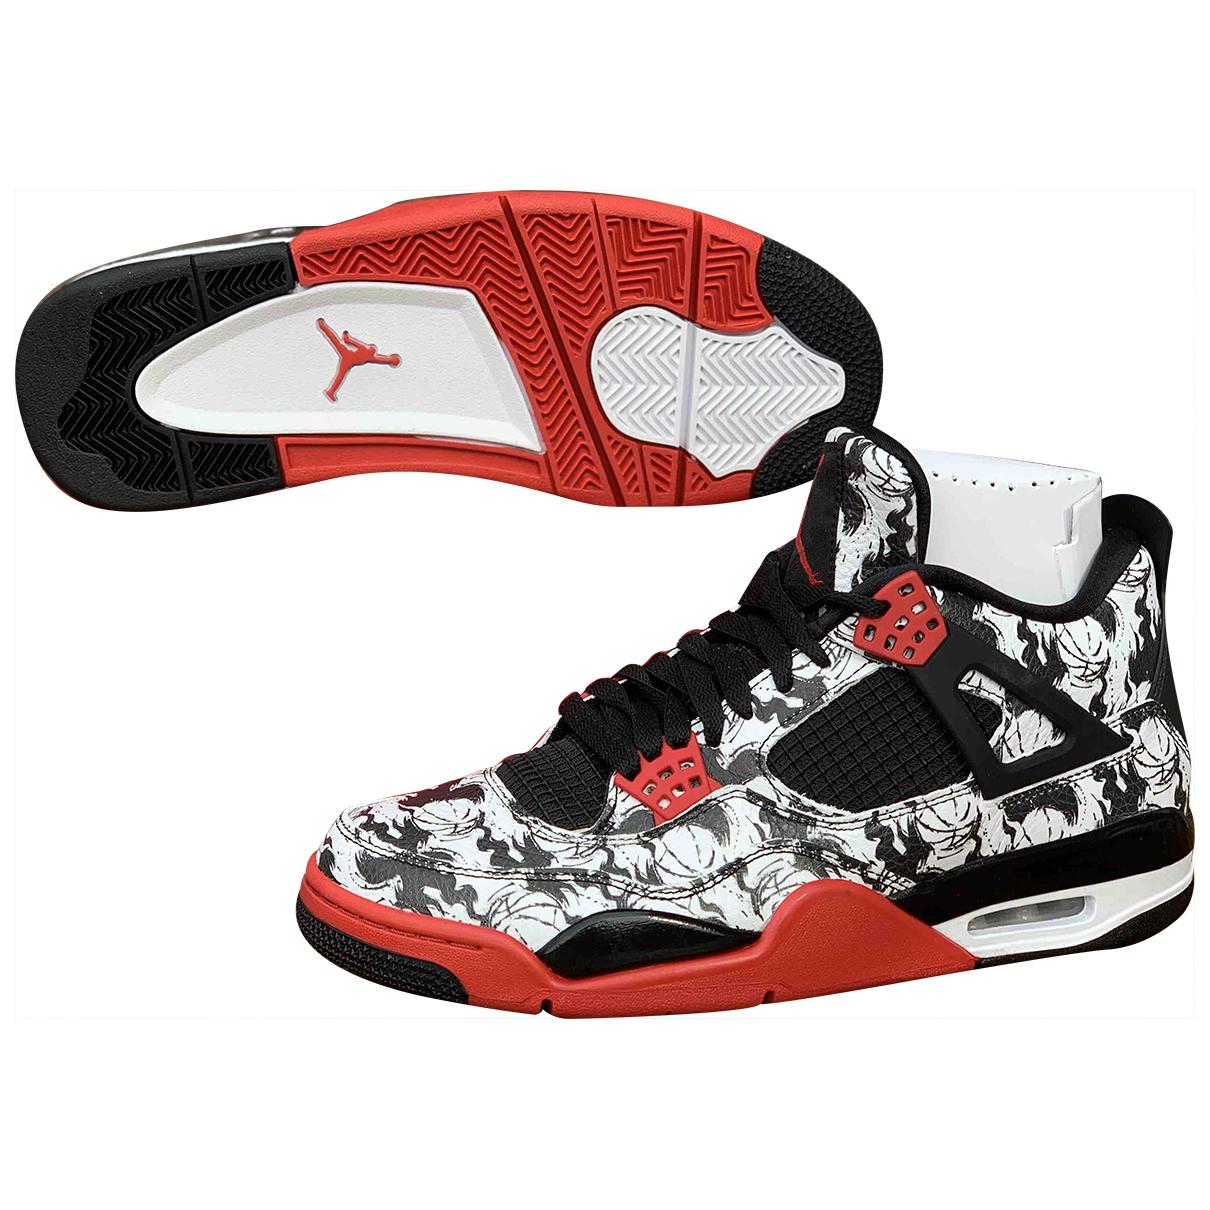 Jordan Air Jordan 4 Leather Trainers for Men 43 EU